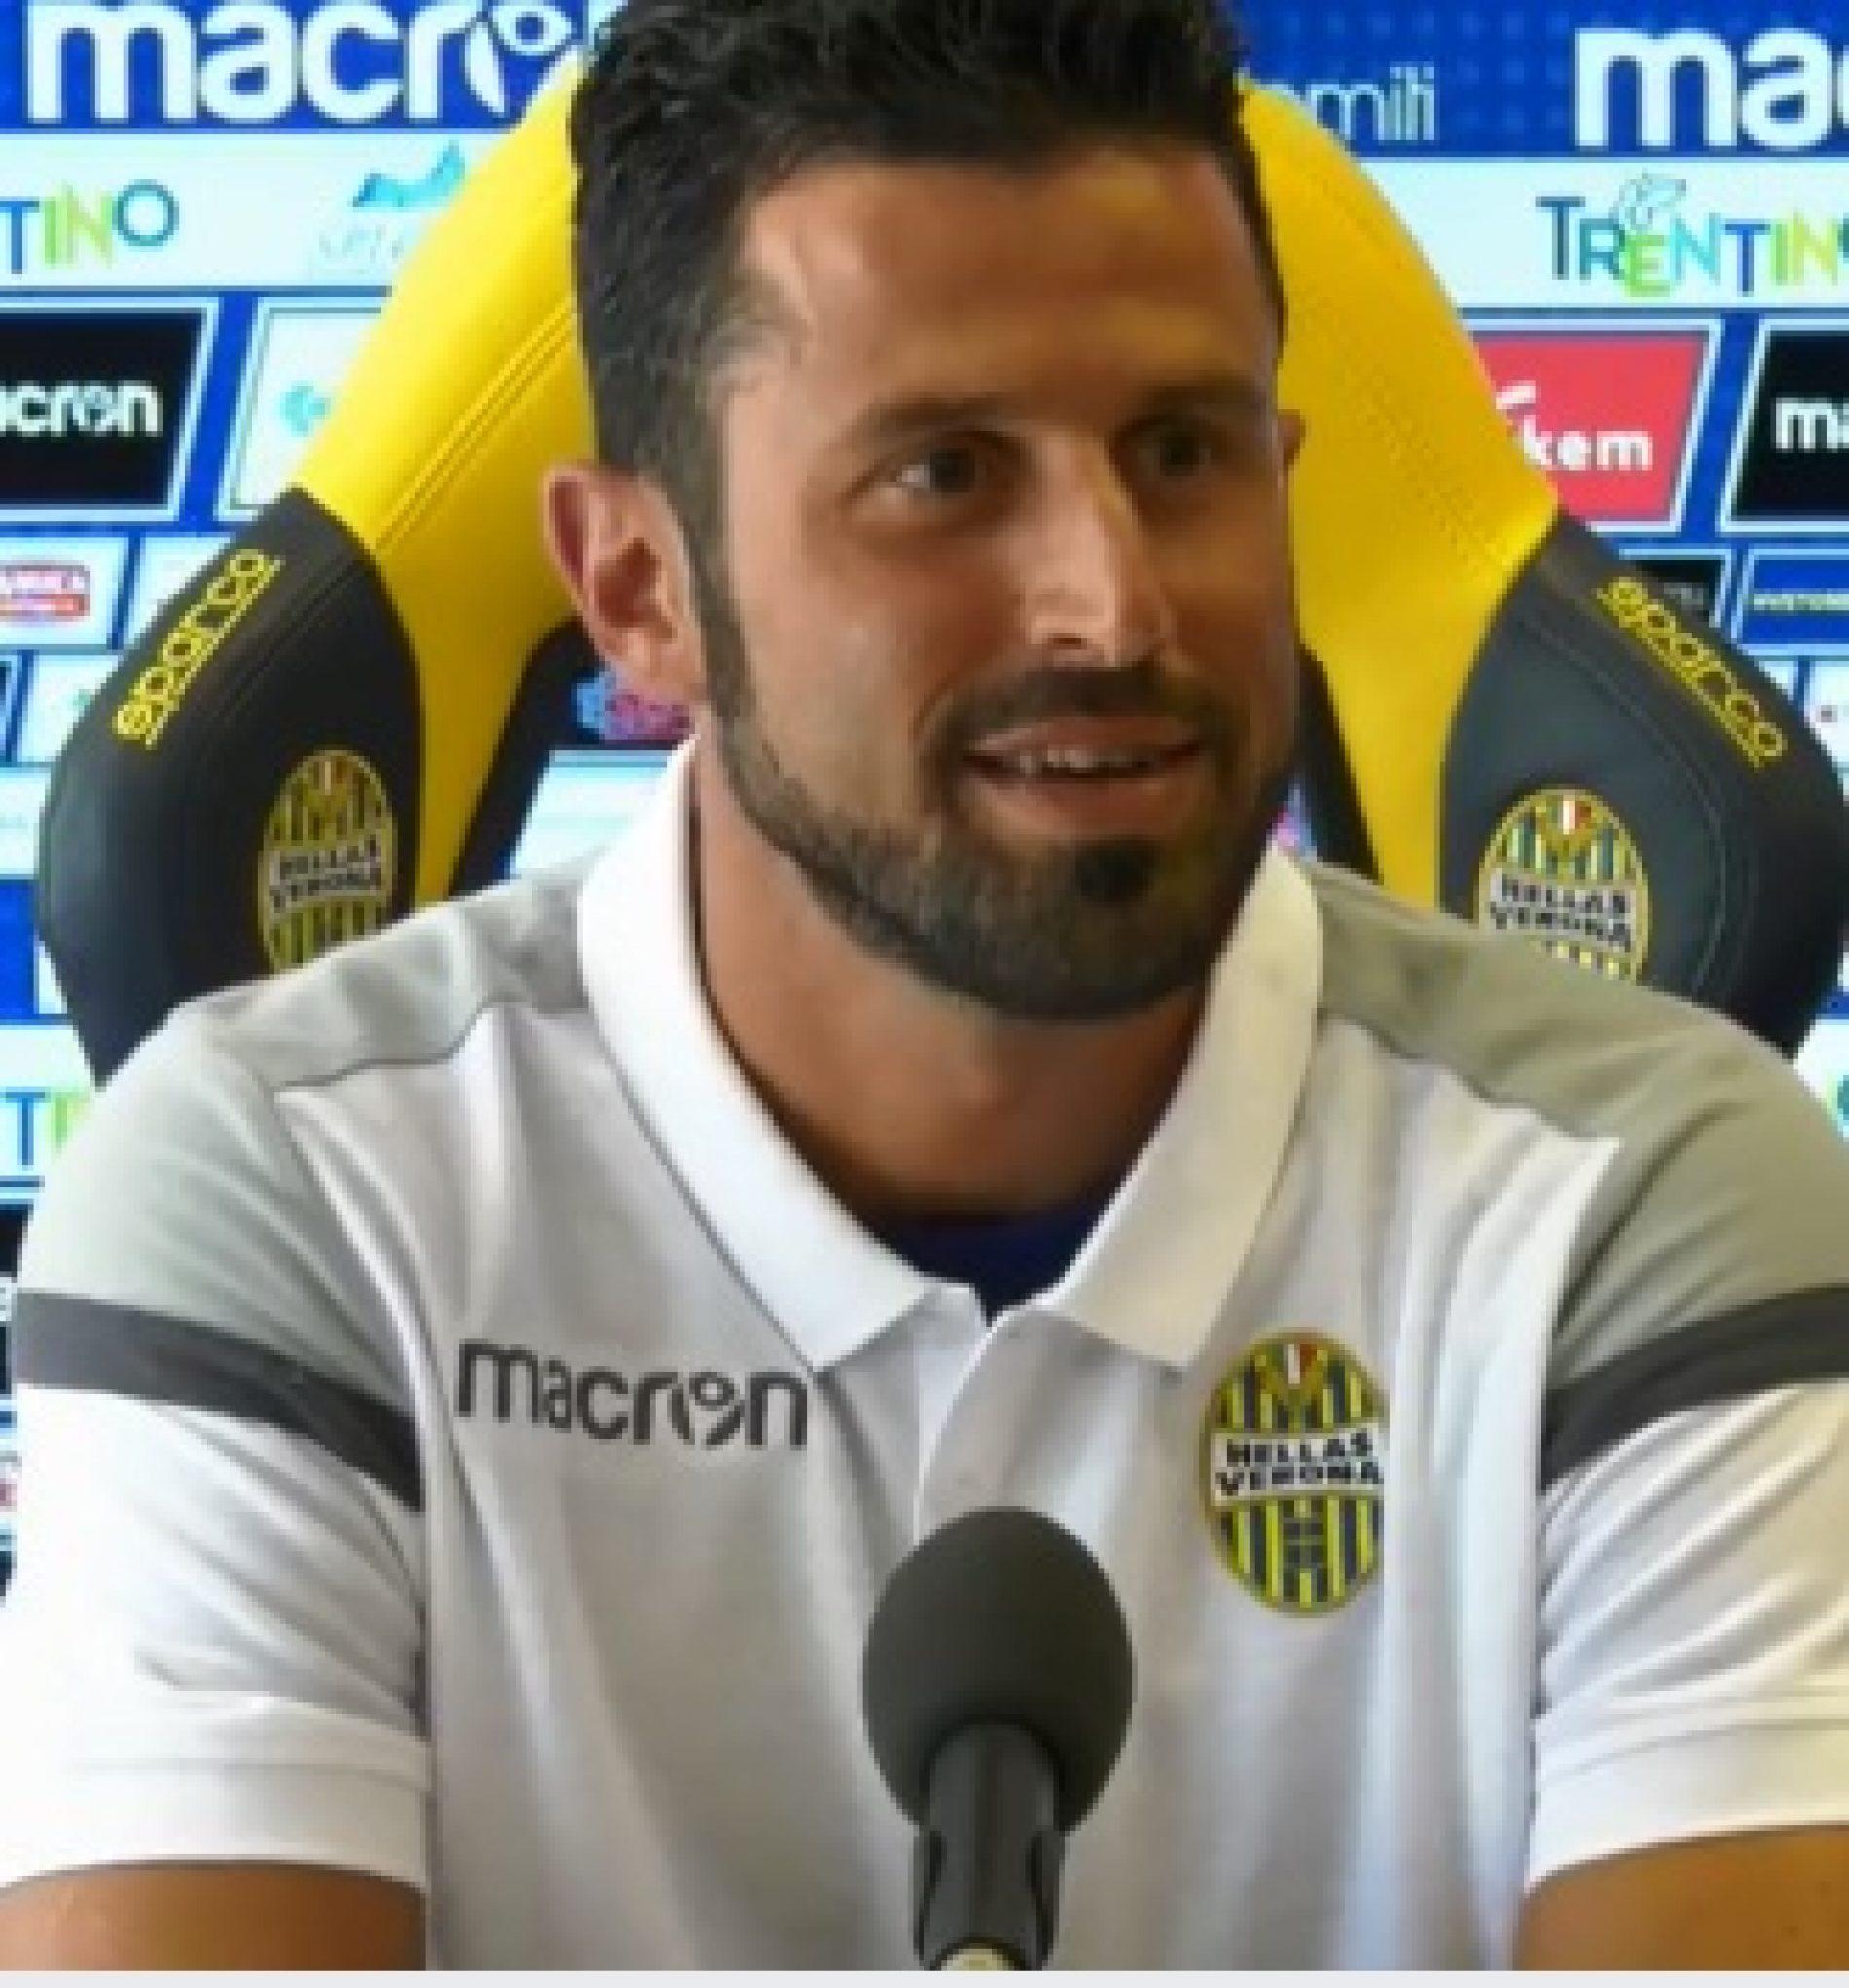 """Verona, si presenta Grosso: """"Cerco valori nei singoli per formare una squadra forte, serviranno tutti per la B e riconquistare i tifosi"""""""